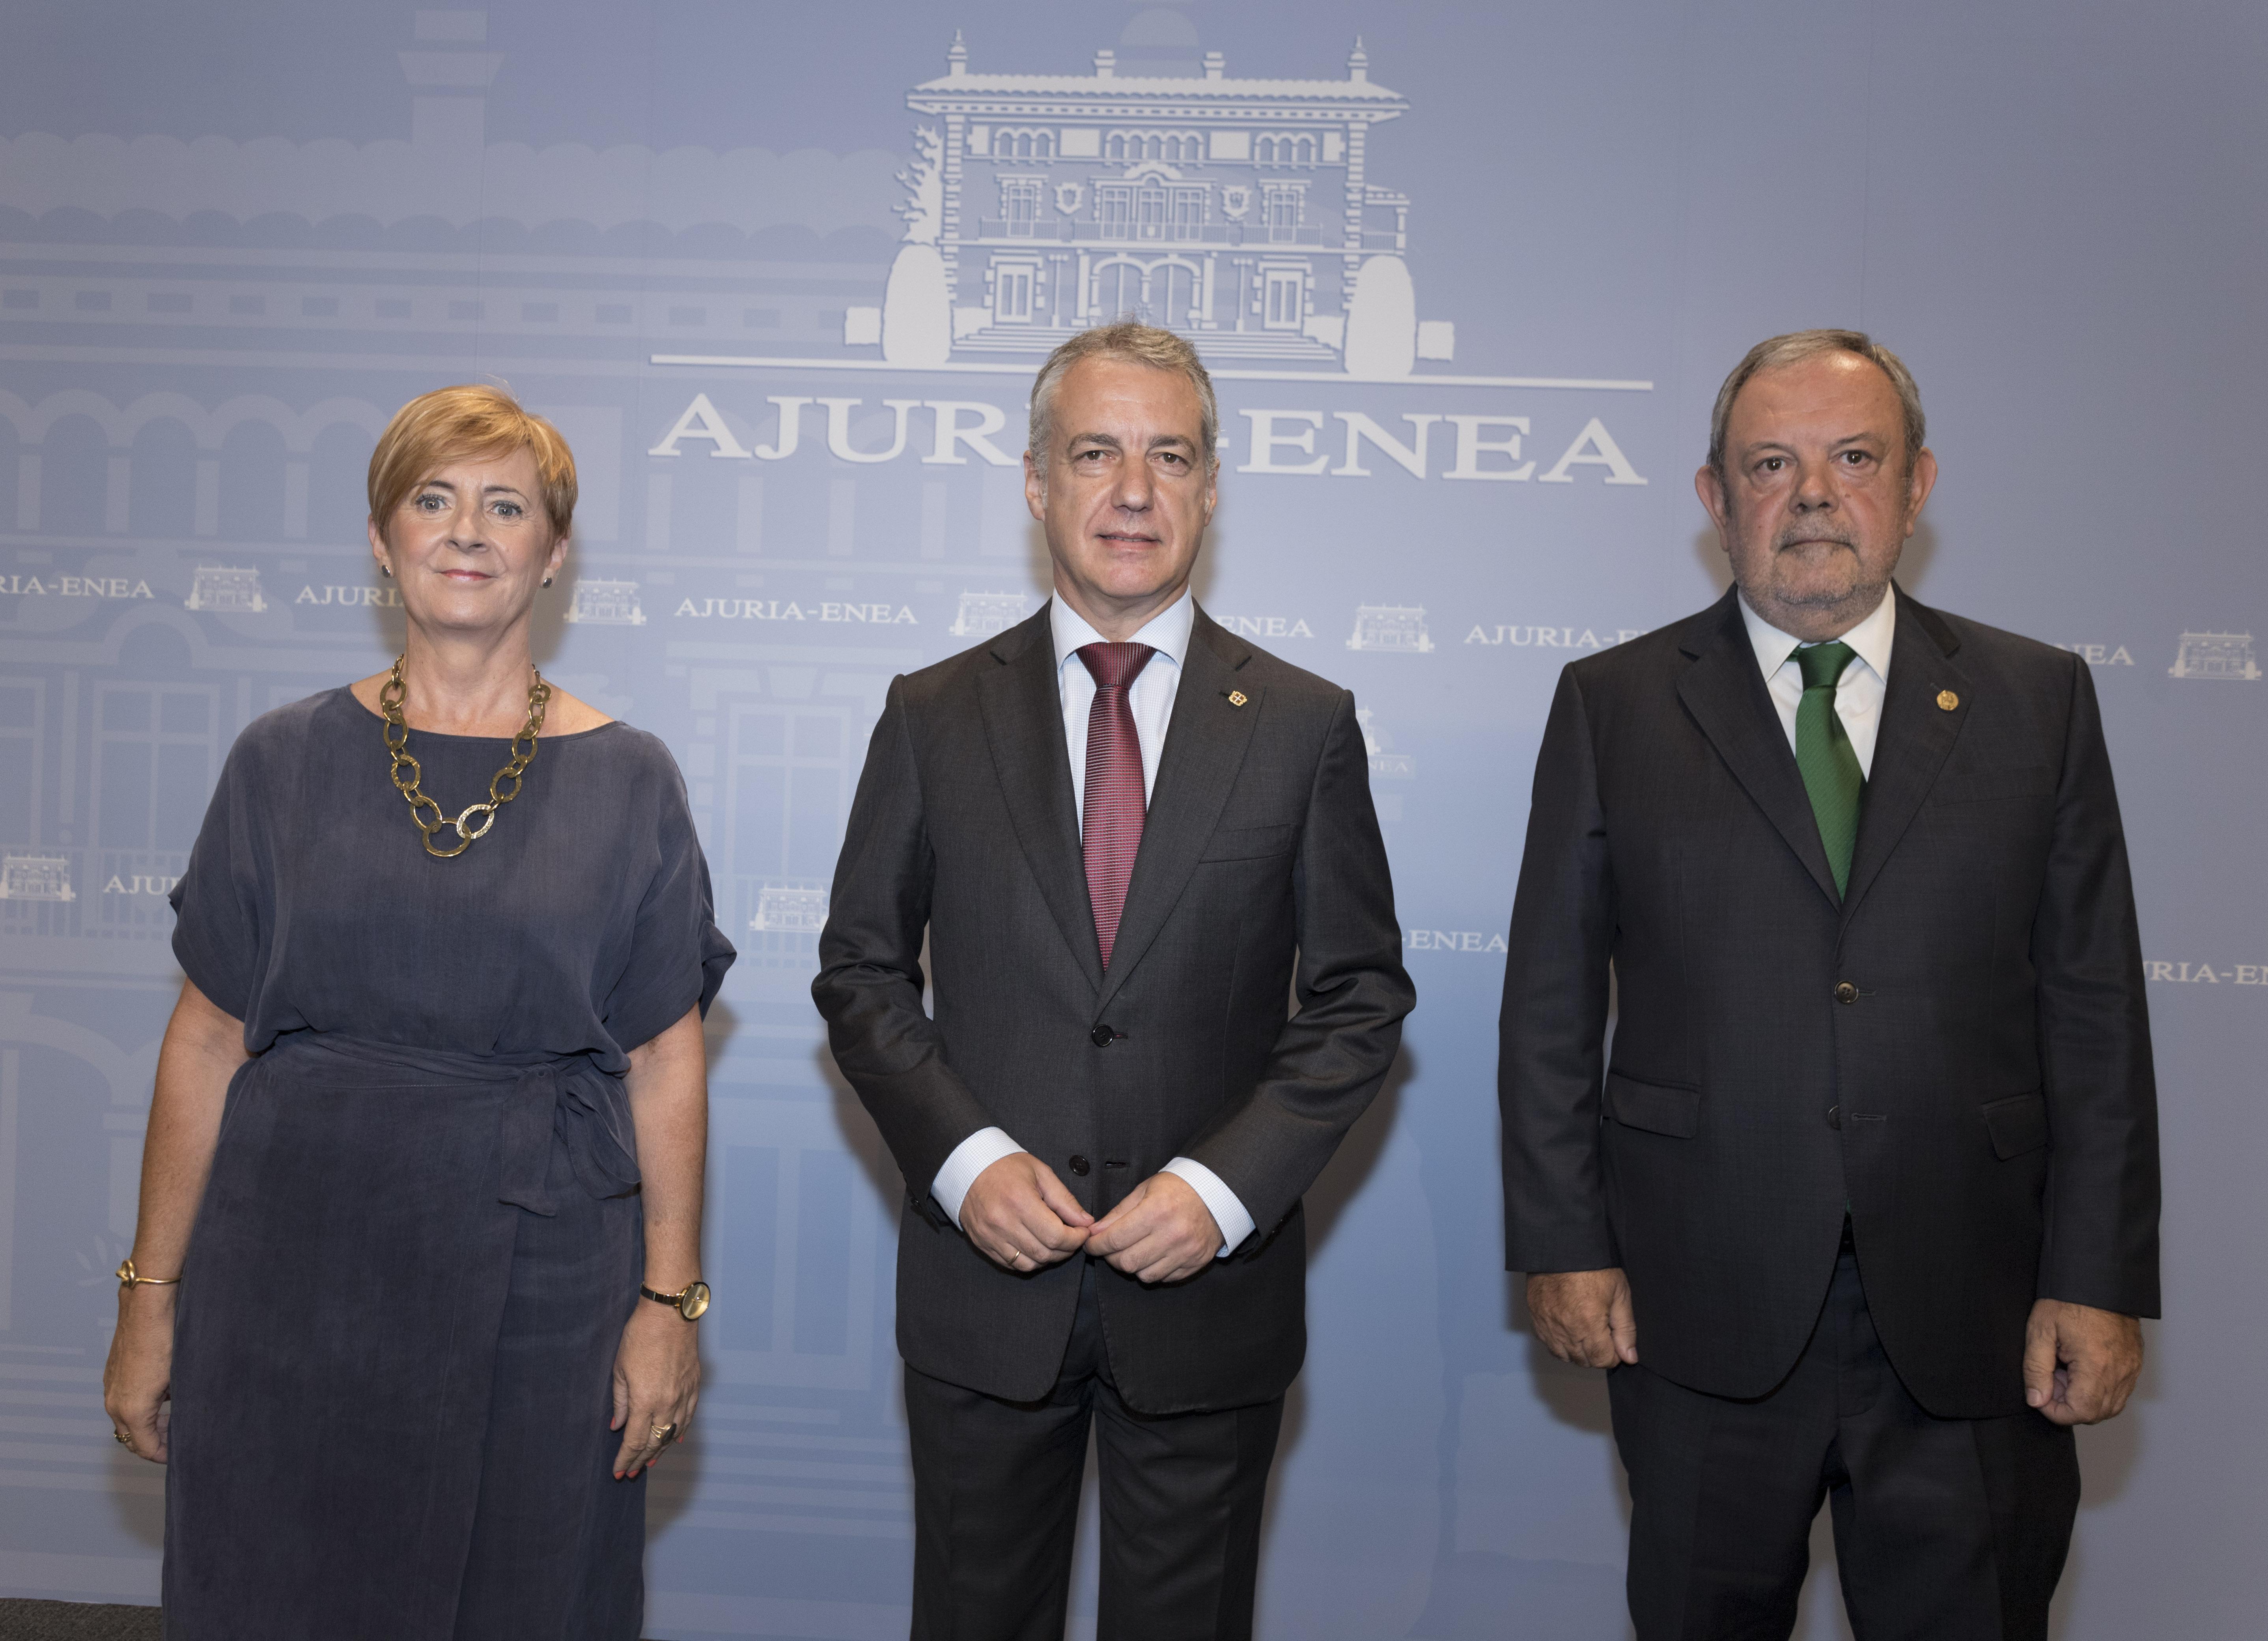 El Gobierno Vasco activa nuevos instrumentos de financiación ligados a capital para contribuir al crecimiento y consolidación de las empresas industriales en Euskadi